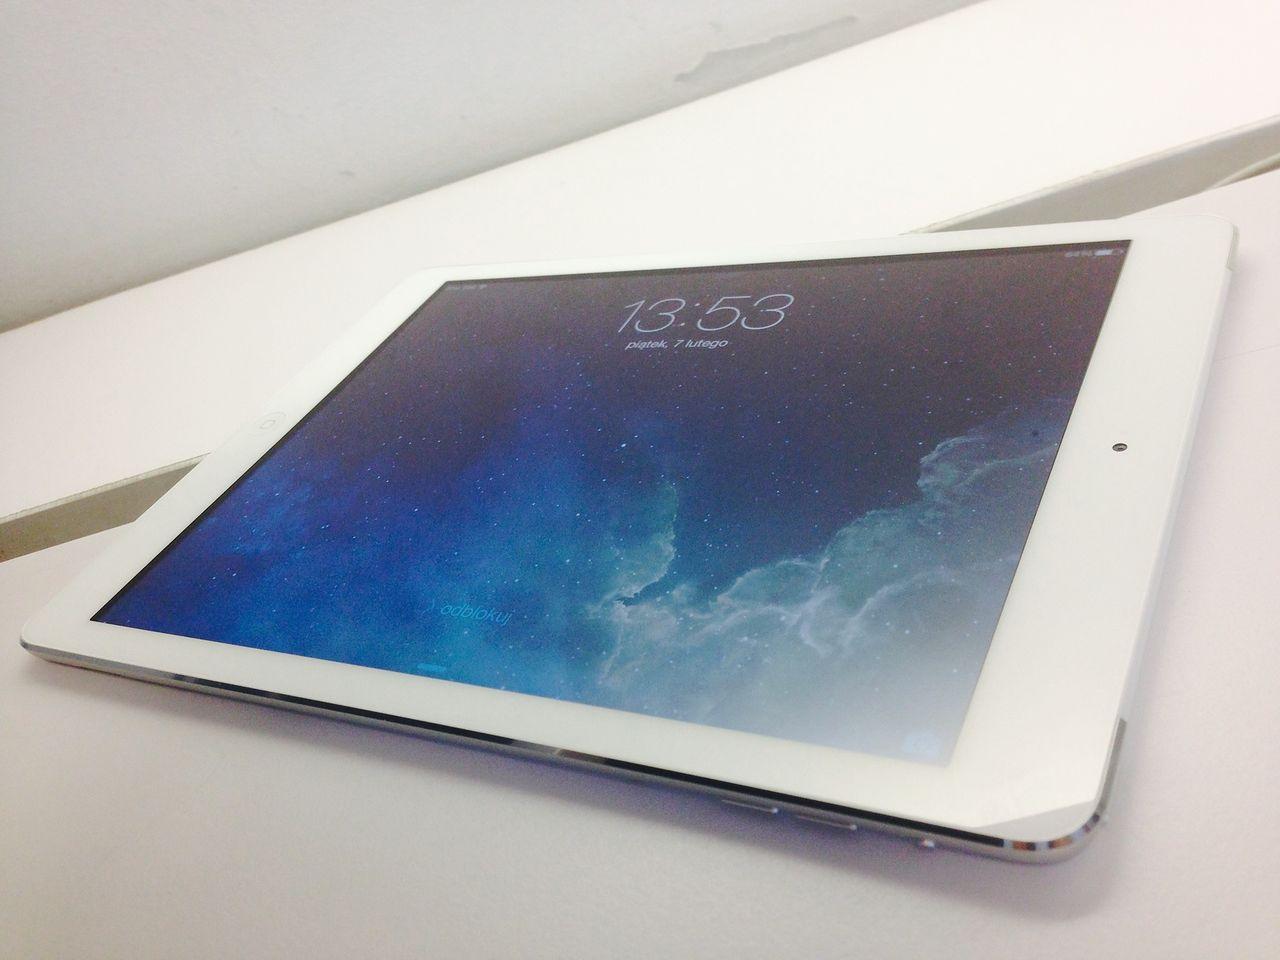 iPad Air - Love Is In The Air